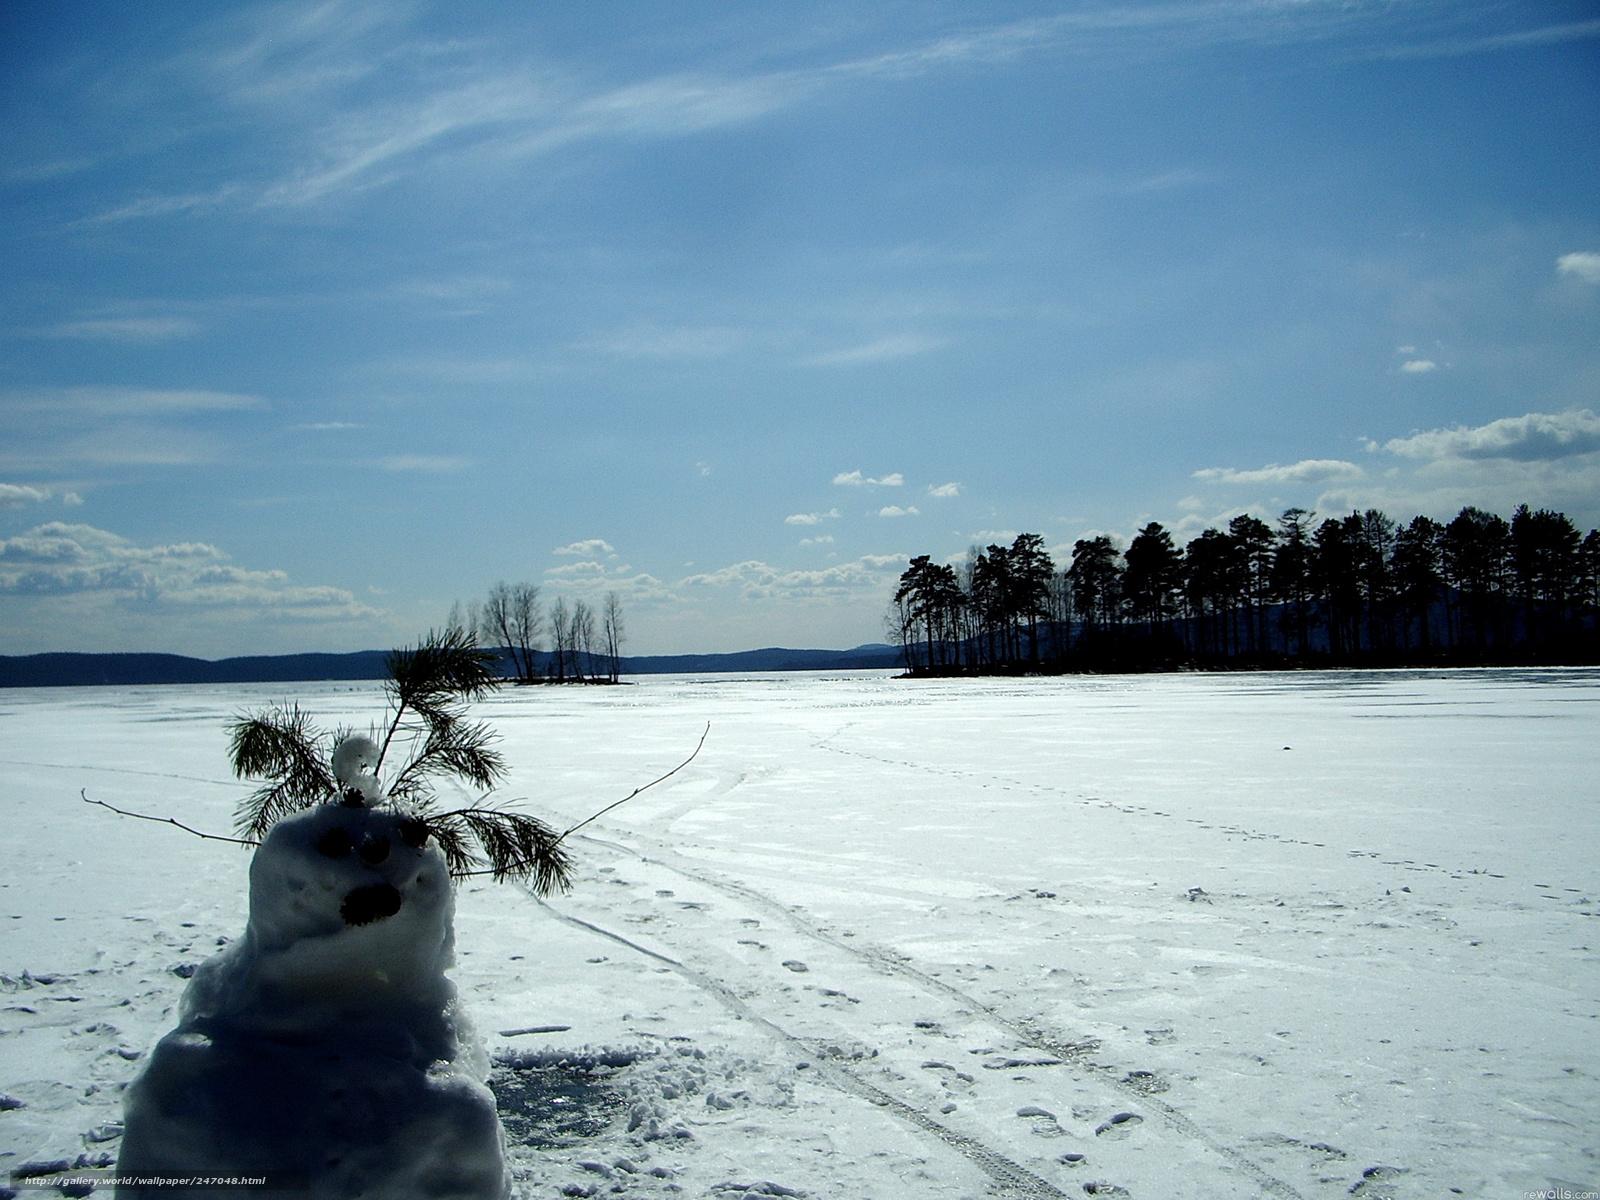 Tlcharger Fond d'ecran belle,  beaut,  bonhomme de neige,  Nature Fonds d'ecran gratuits pour votre rsolution du bureau 2304x1728 — image №247048